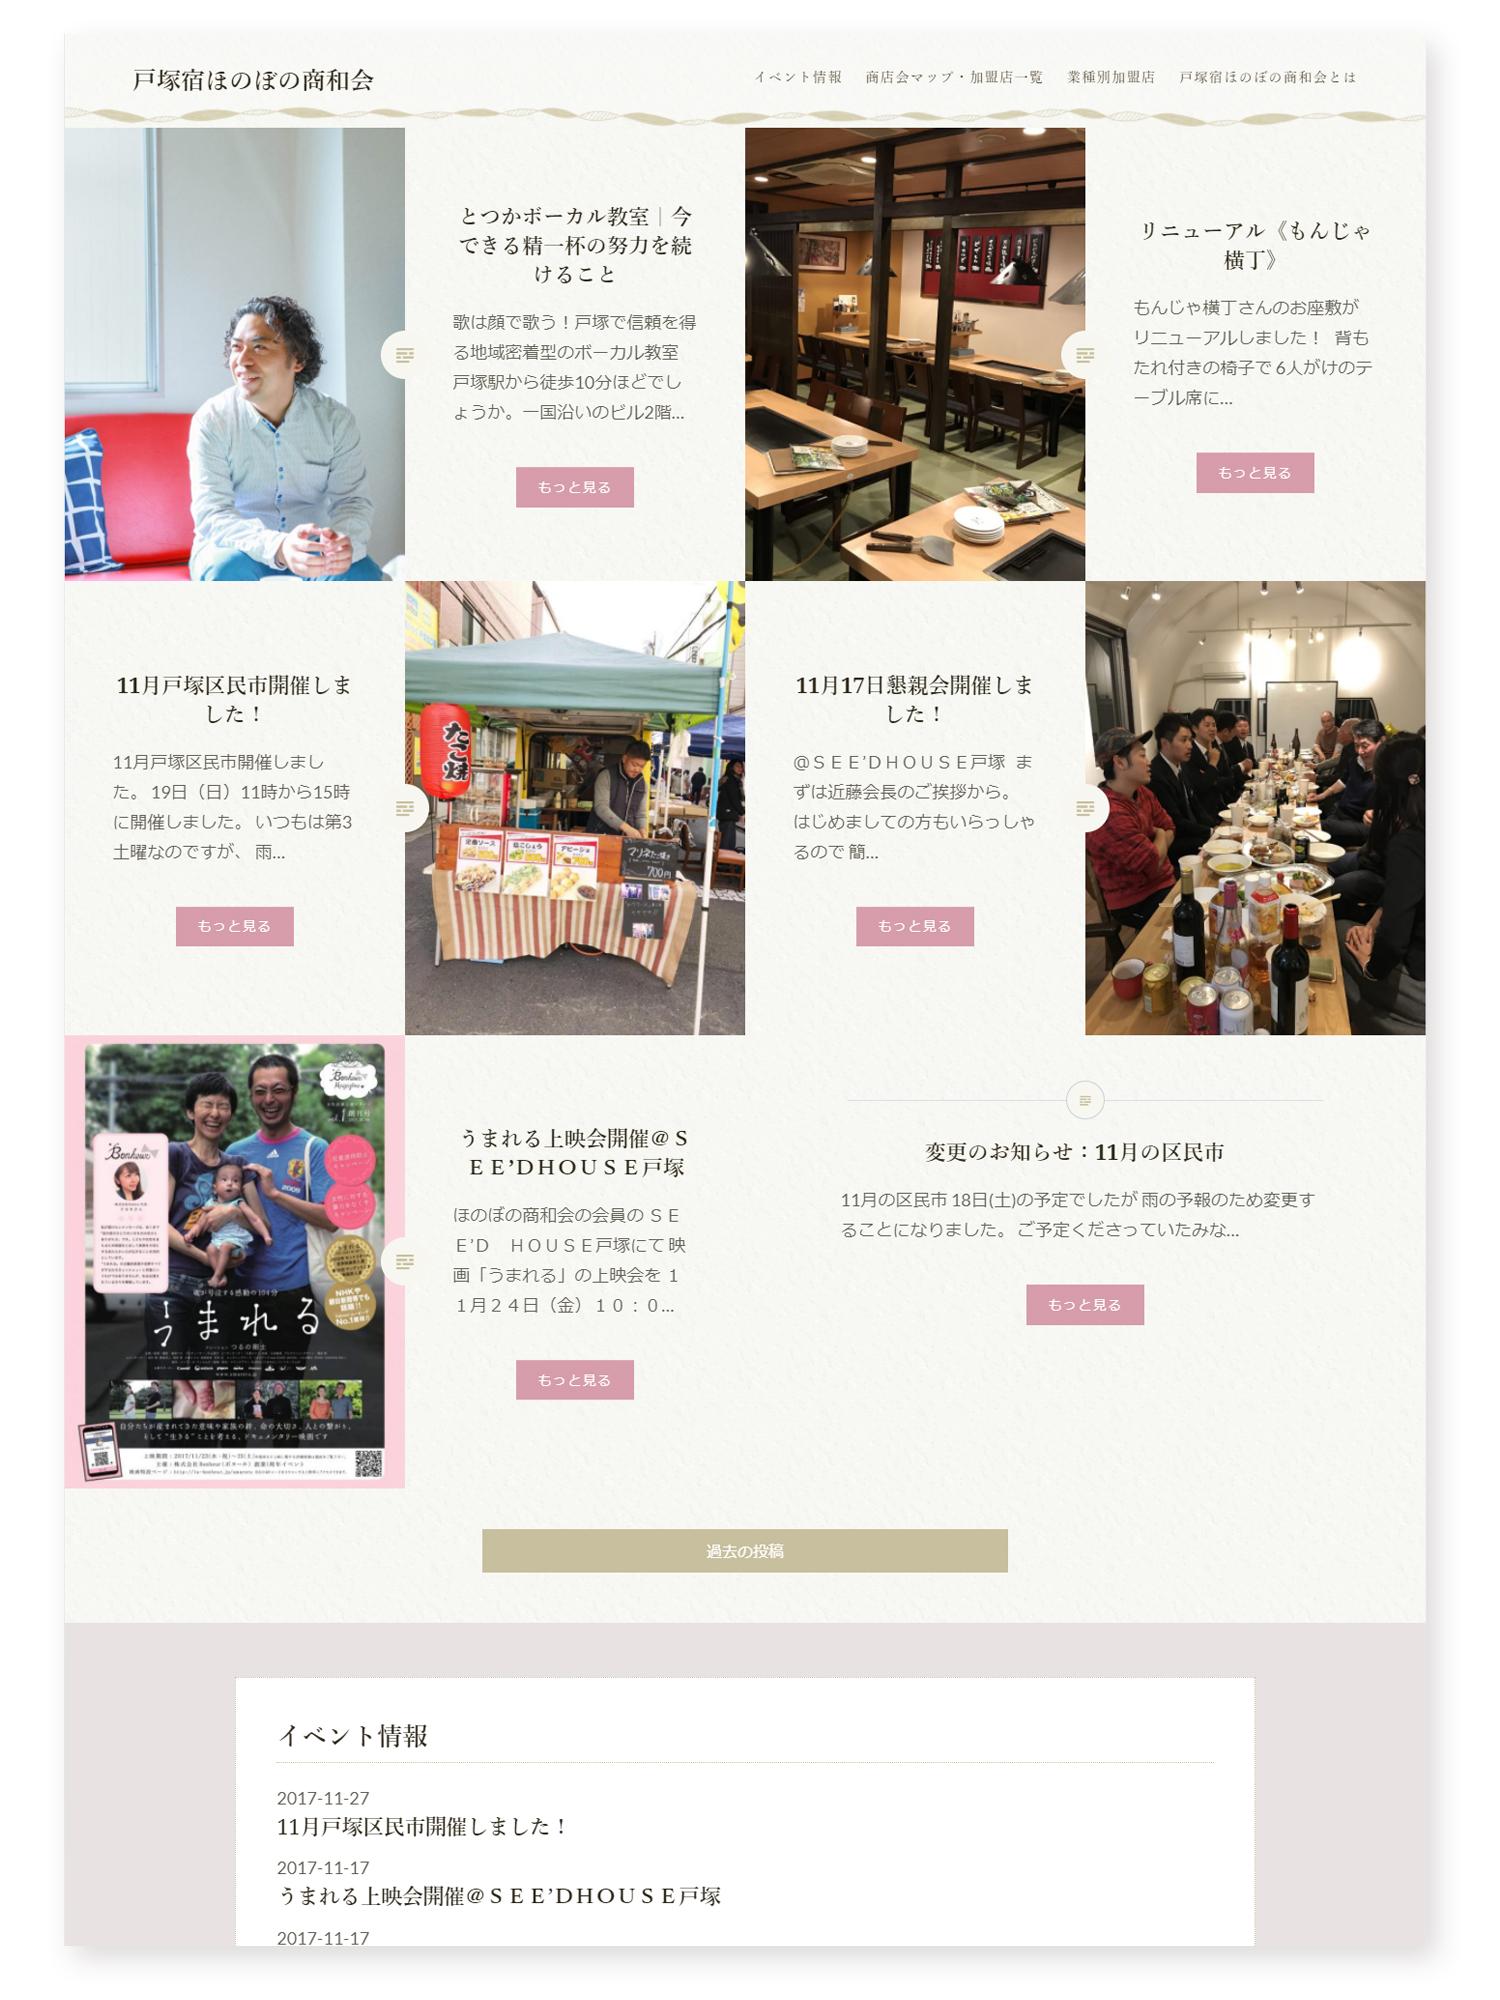 戸塚宿ほのぼの商和会さま Webサイト制作